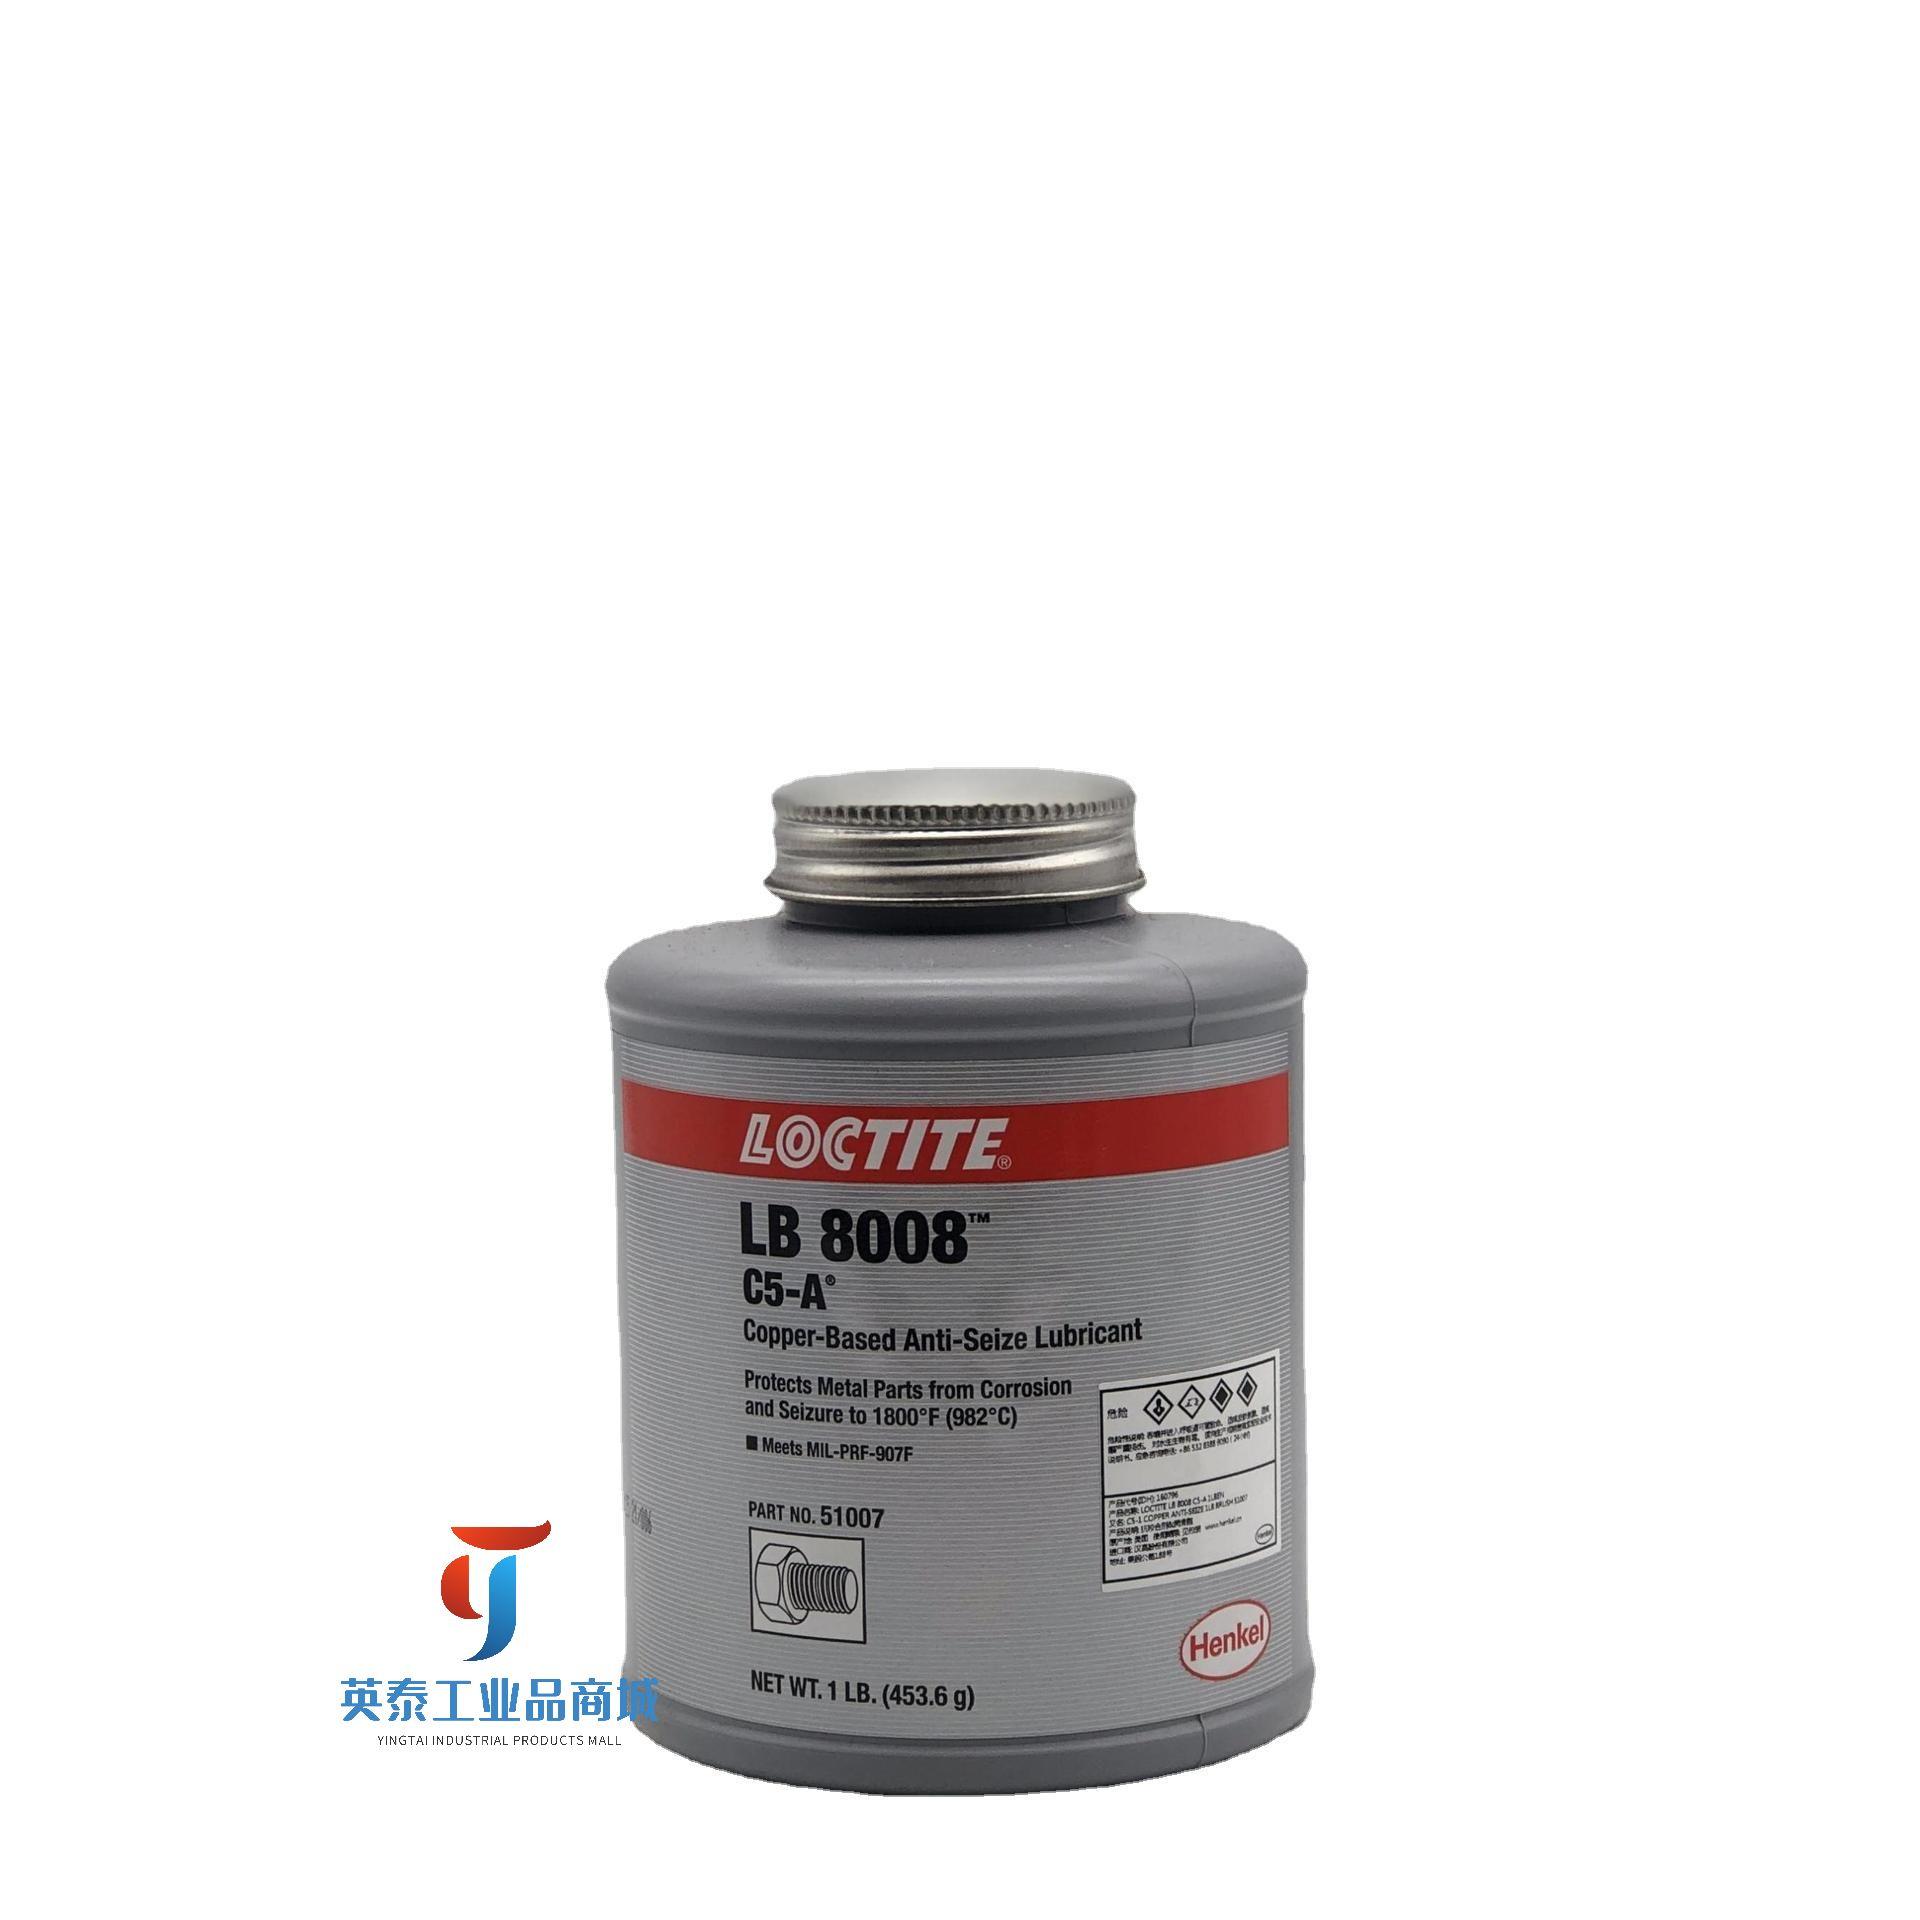 乐泰C5-A胶水 减少磨损摩擦铜基润滑剂 乐泰LB8008抗咬合剂 批发乐泰8008防卡剂